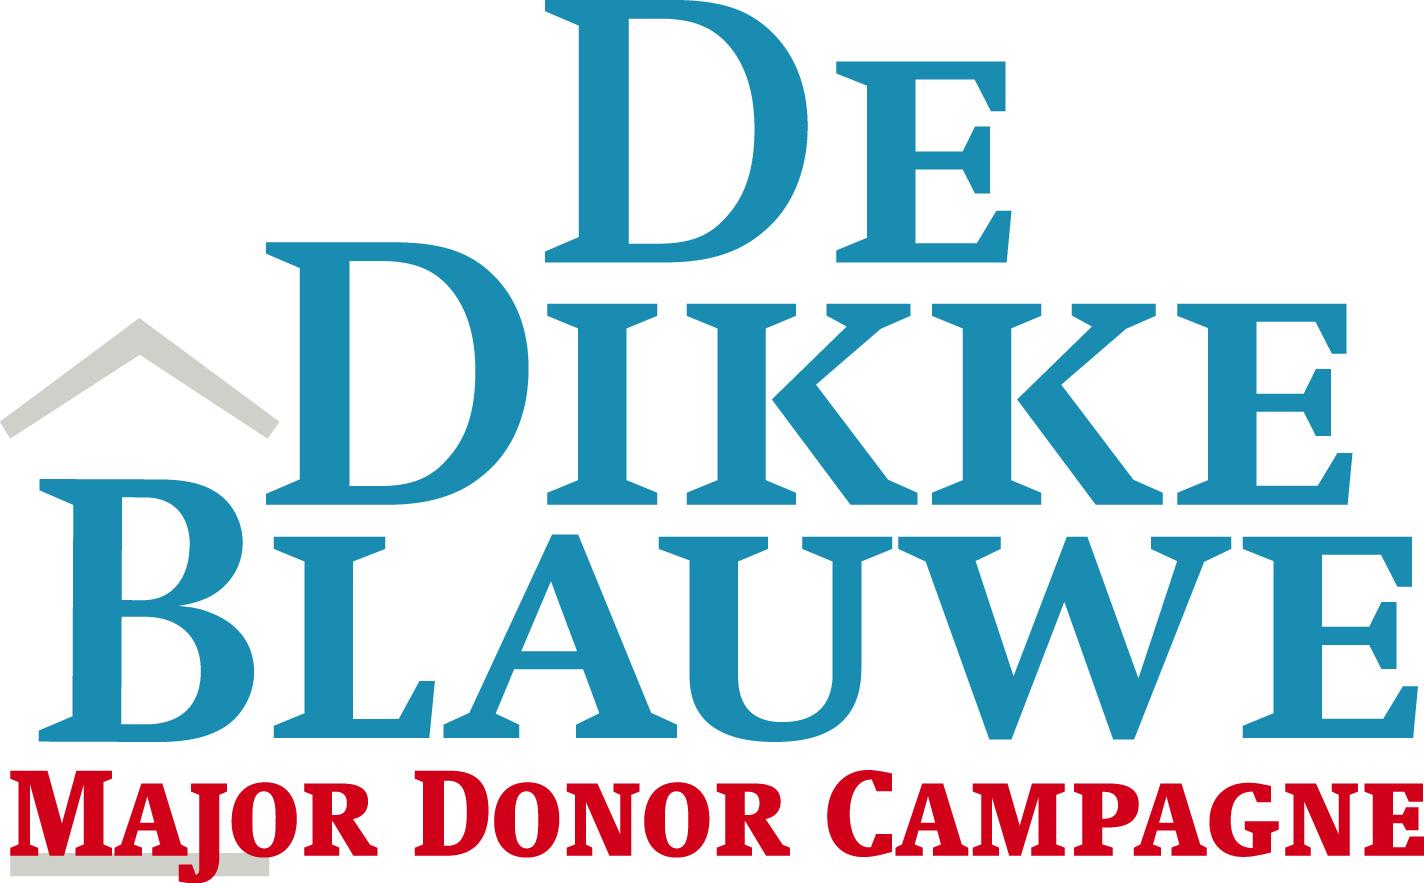 Hoe goed kent u uw major donors? (deel 2)